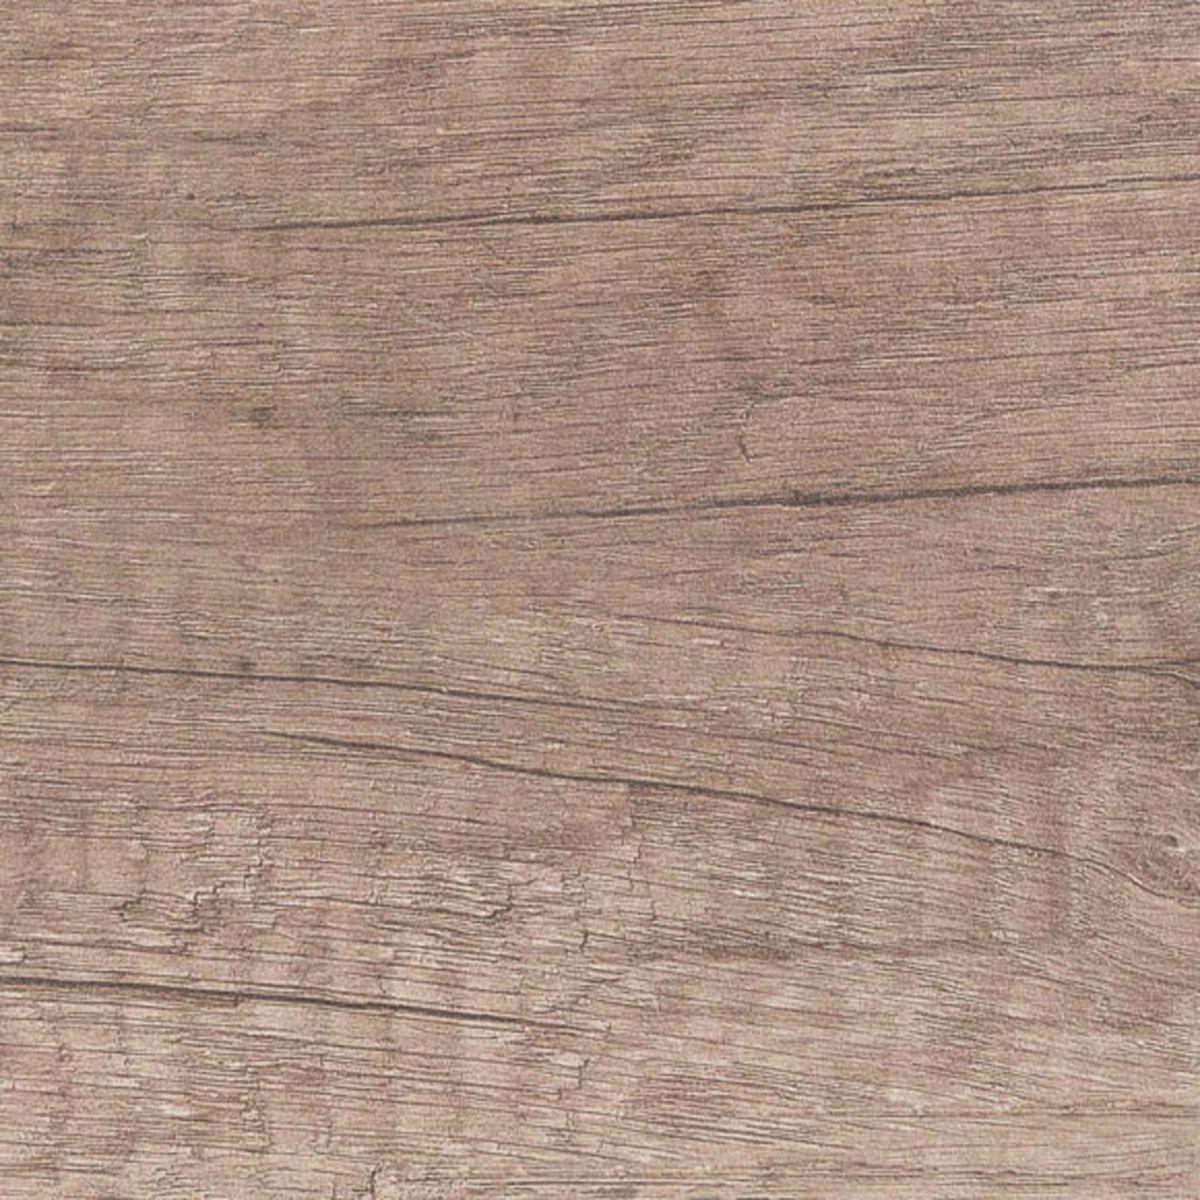 Colonne WOODSTOCK chene nebraska 30 cm